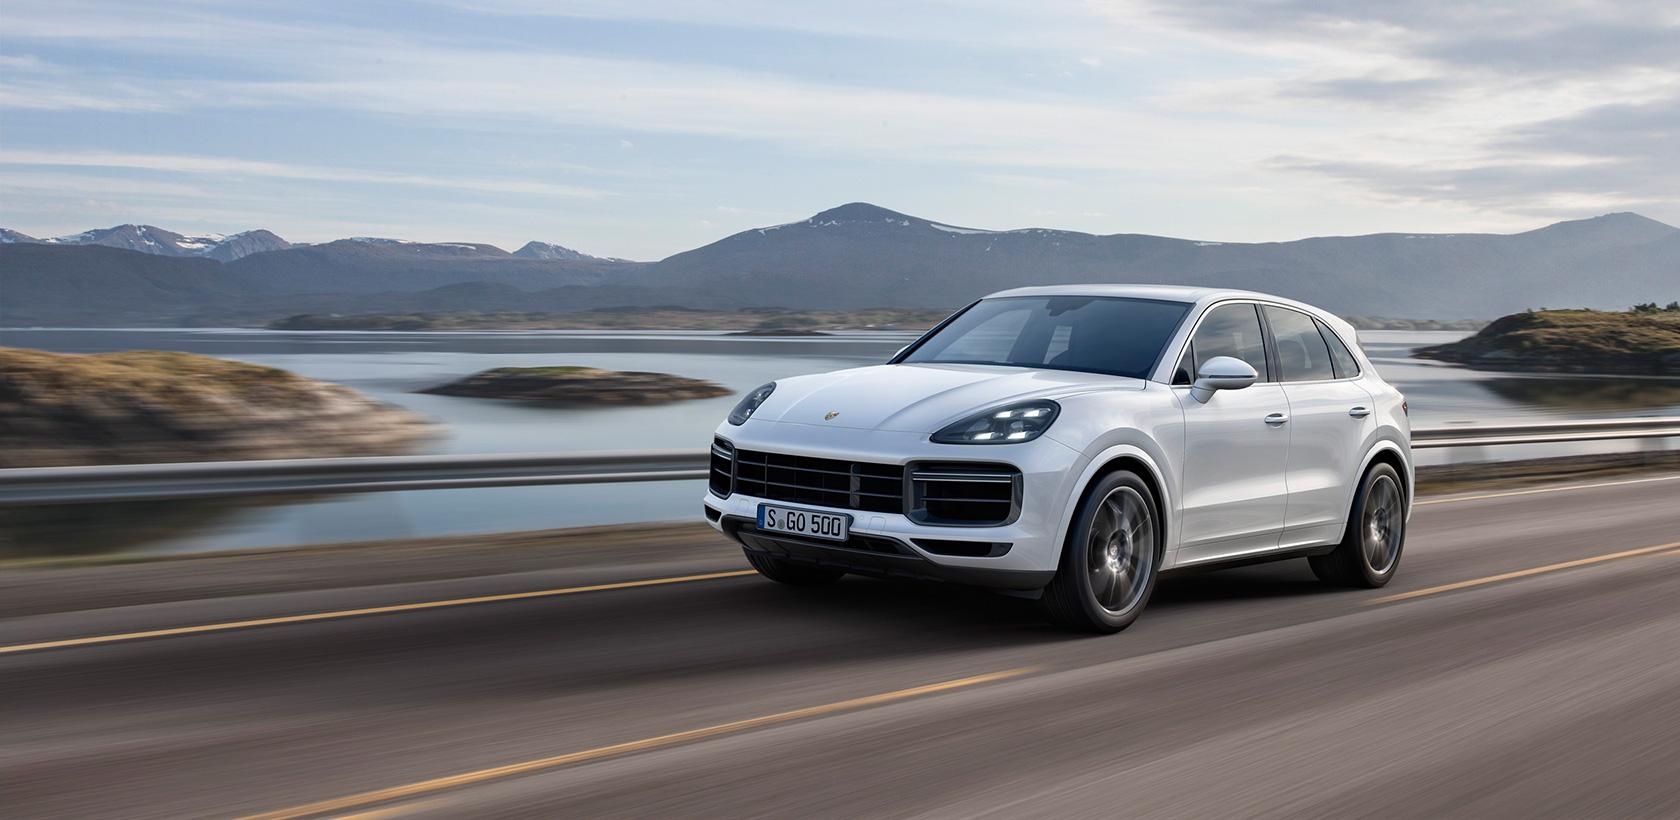 Nouveau Porsche Cayenne Turbo : une filiation clairement assumée avec la 911